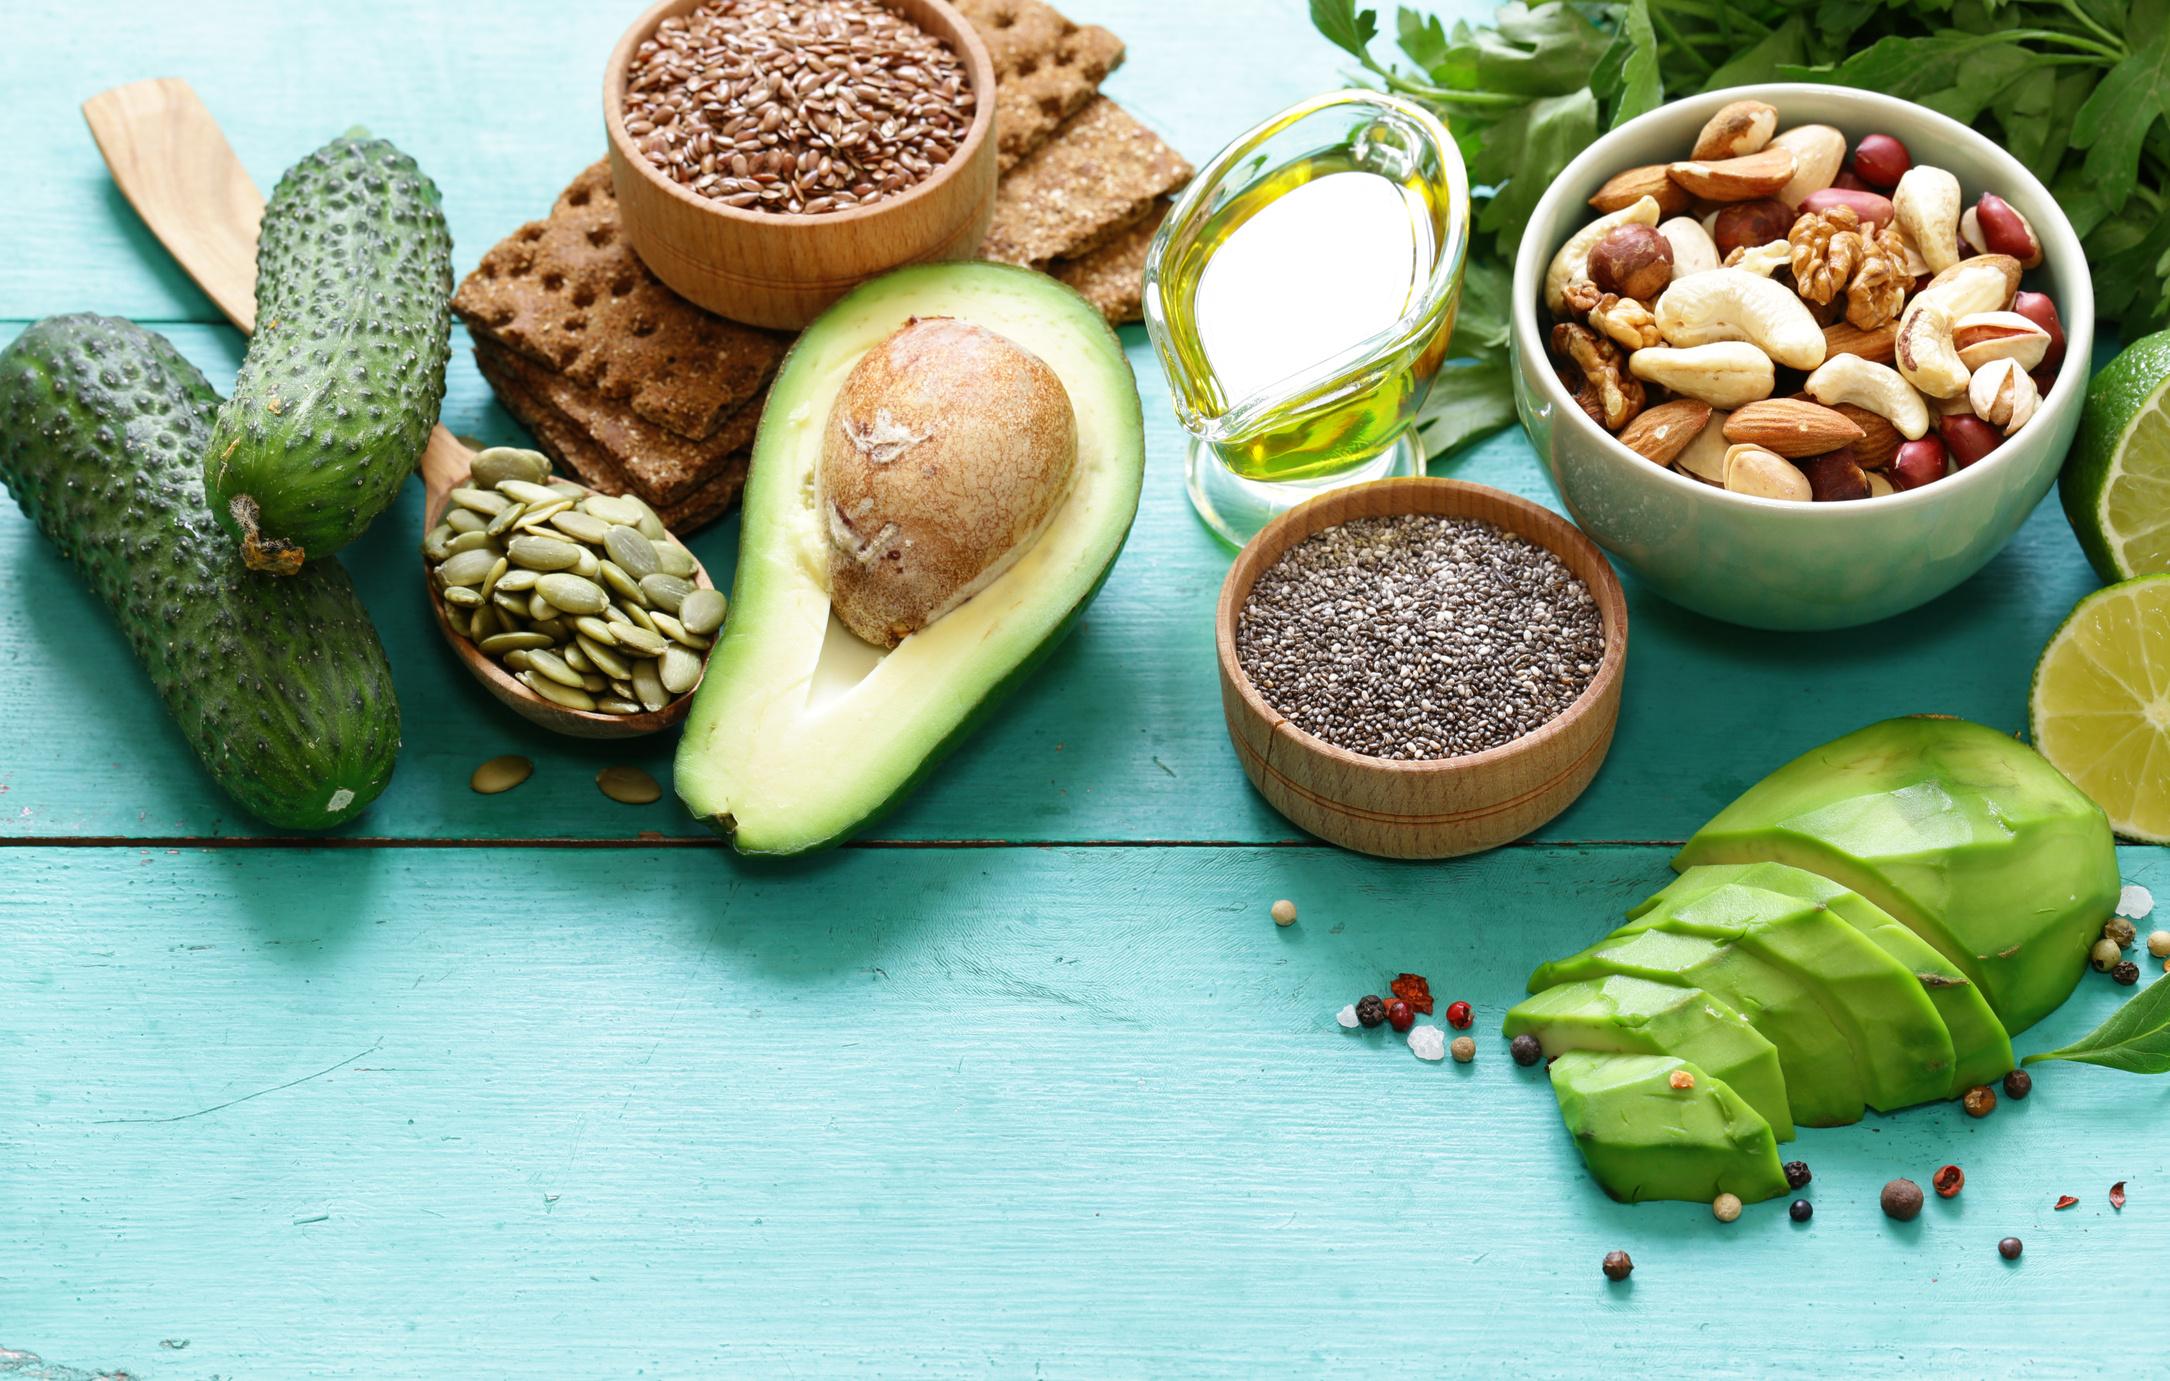 gyors módja a zsírégetésnek otthon amc karcsúsító mellékhatás